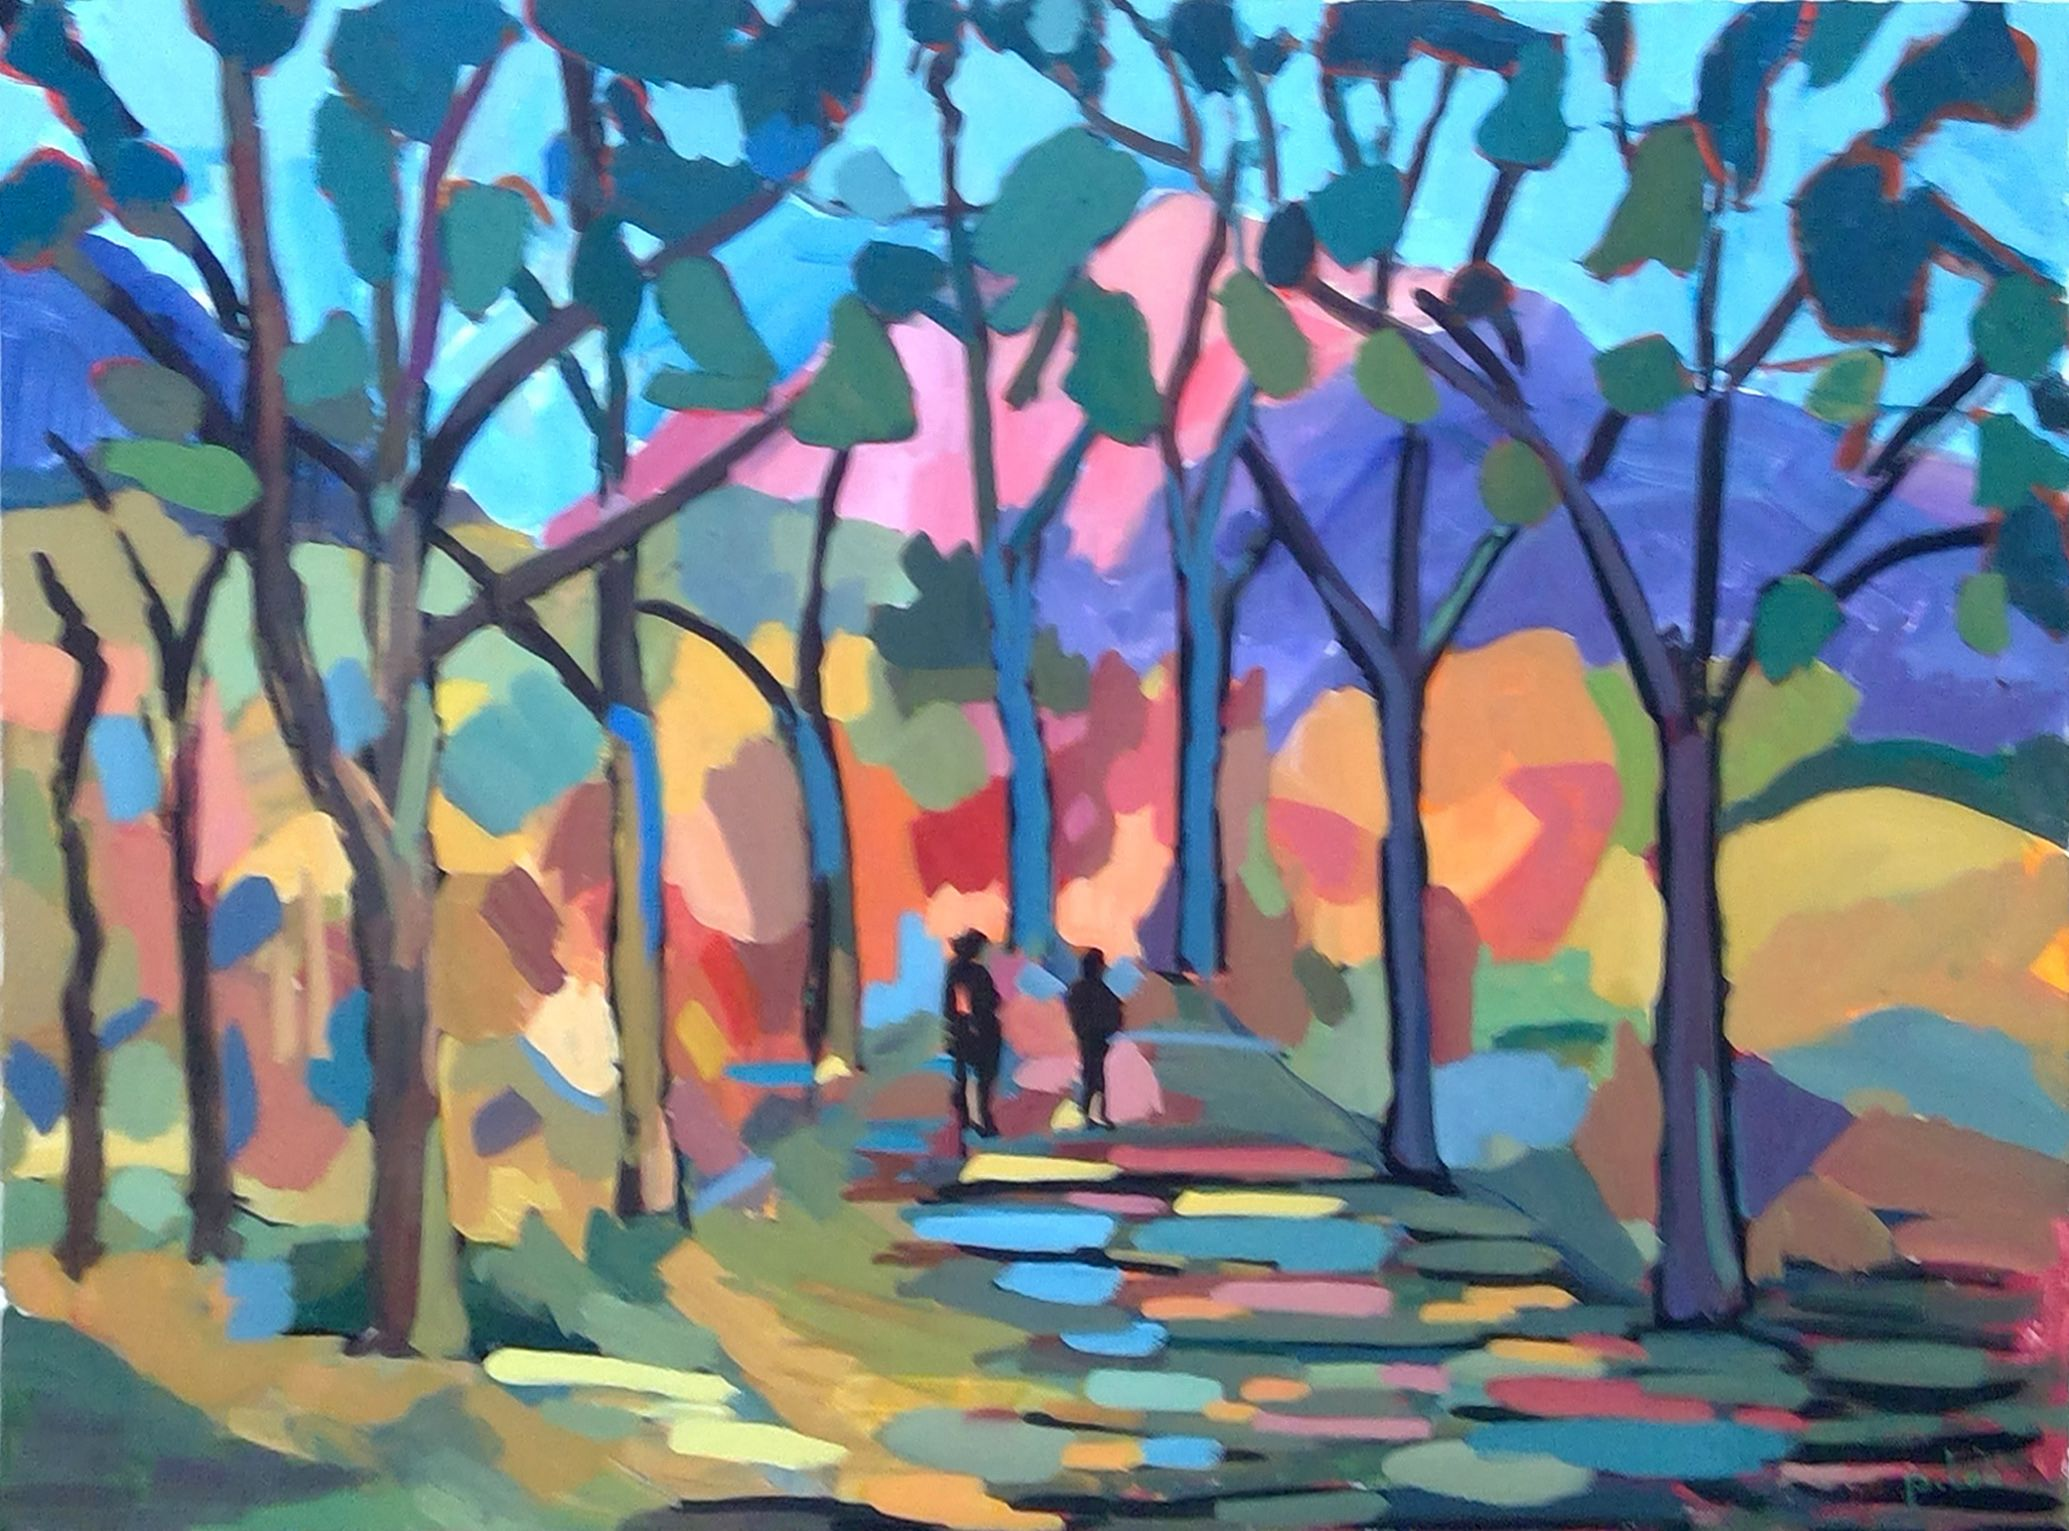 Pascal Louvet P.LOU Artiste Peintre Aix en Provence | Artiste peintre, Peintre, Les arts